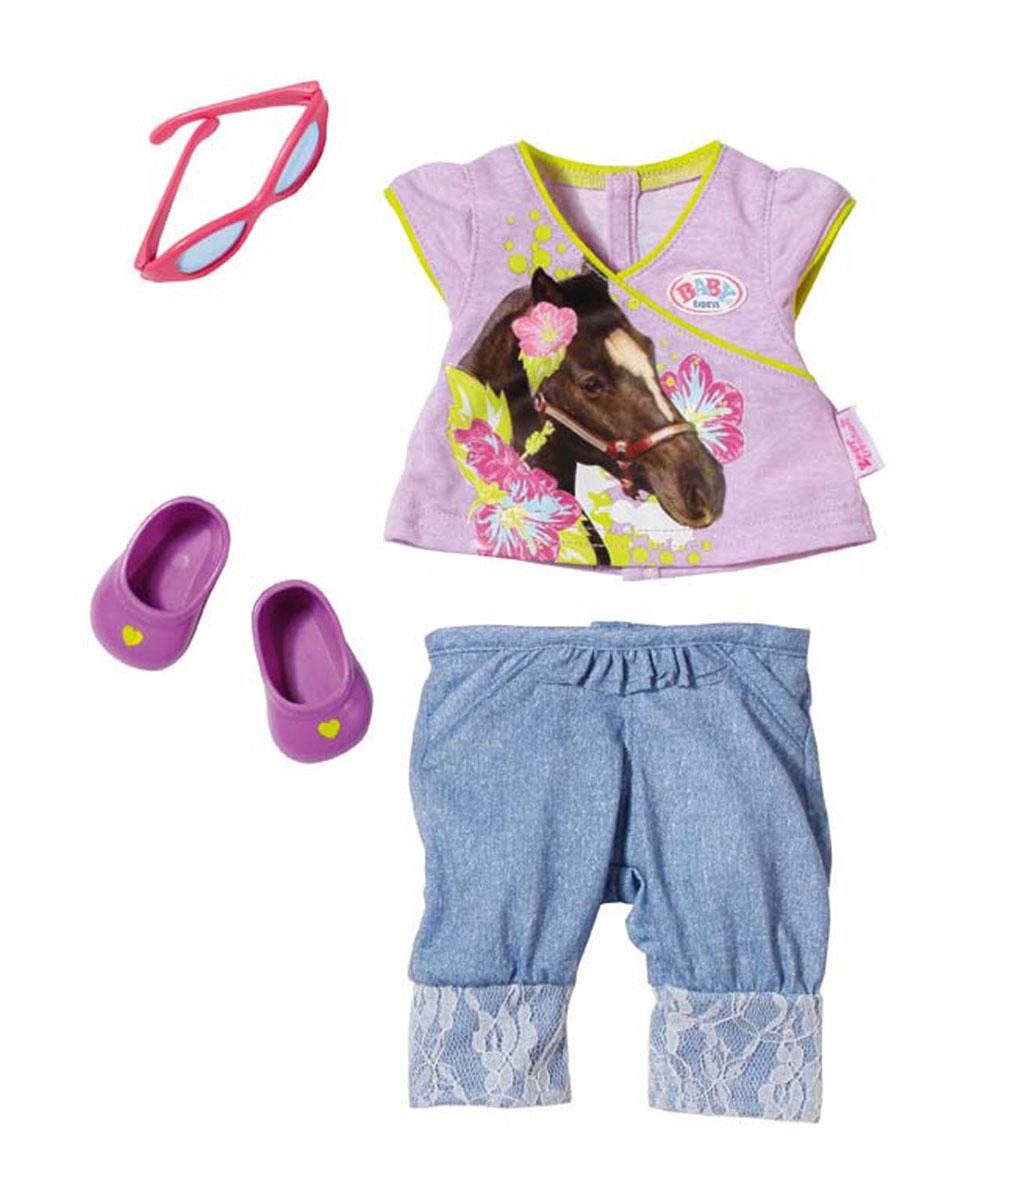 born купить одежду Baby Born Одежда для кукол Модный цвет сиреневый голубой